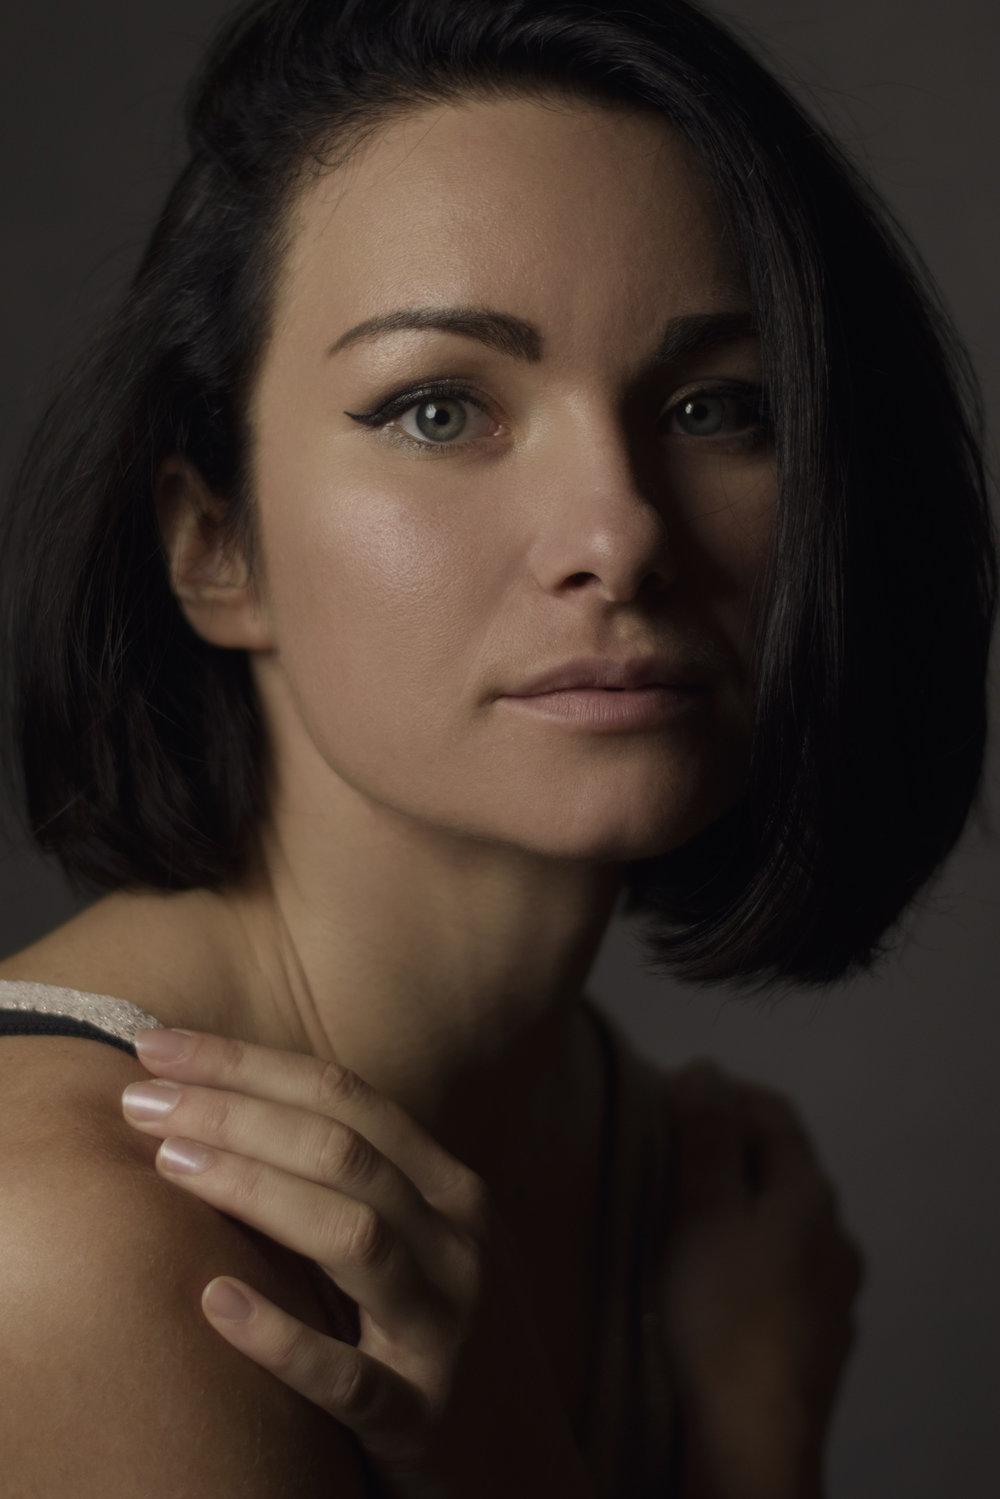 Kate Pivovarska